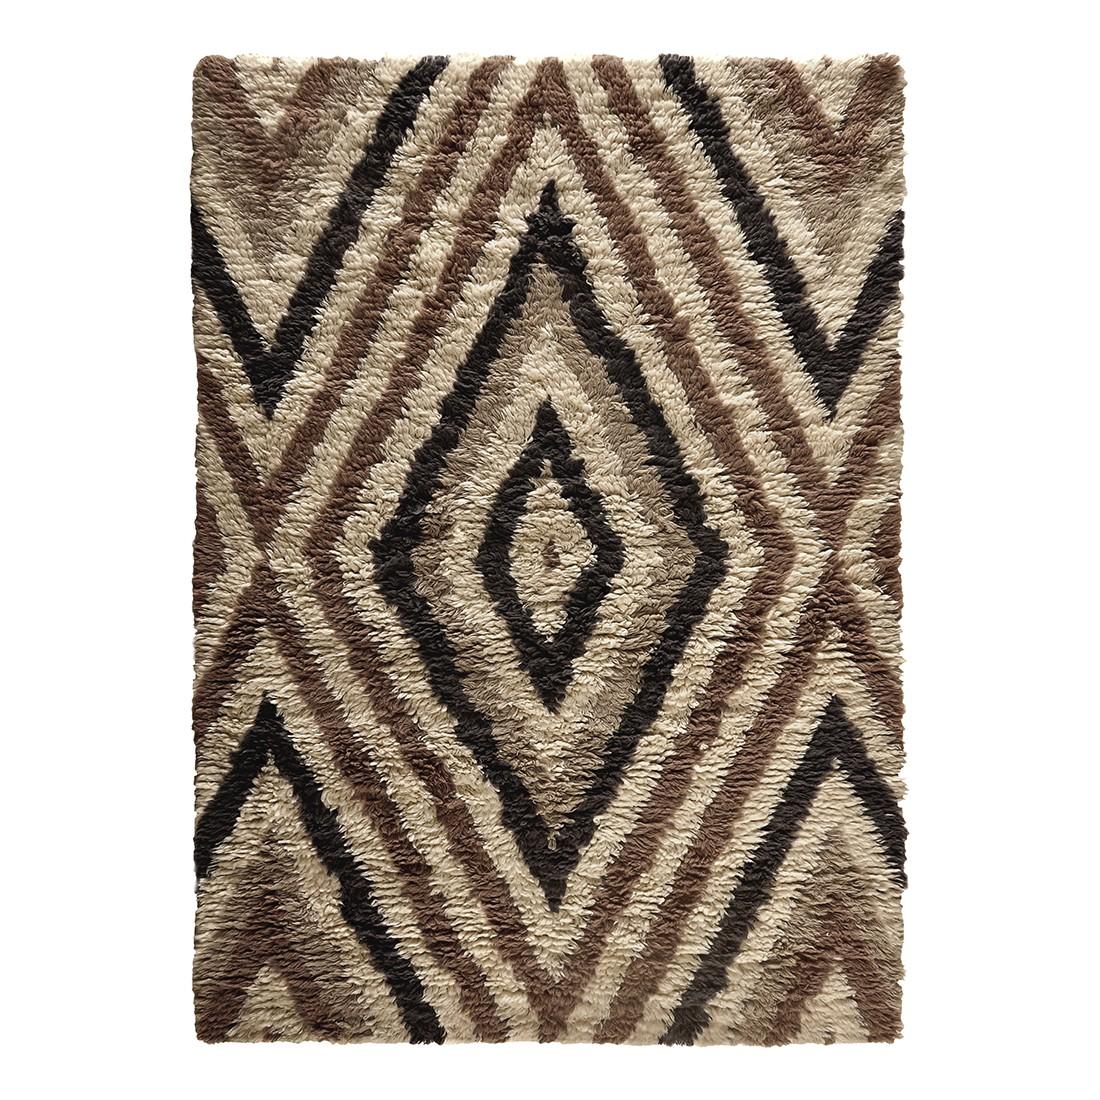 Teppich Nomadic Design – Wolle/Beige- Braun – 160 cm x 230 cm, THEKO die markenteppiche günstig online kaufen